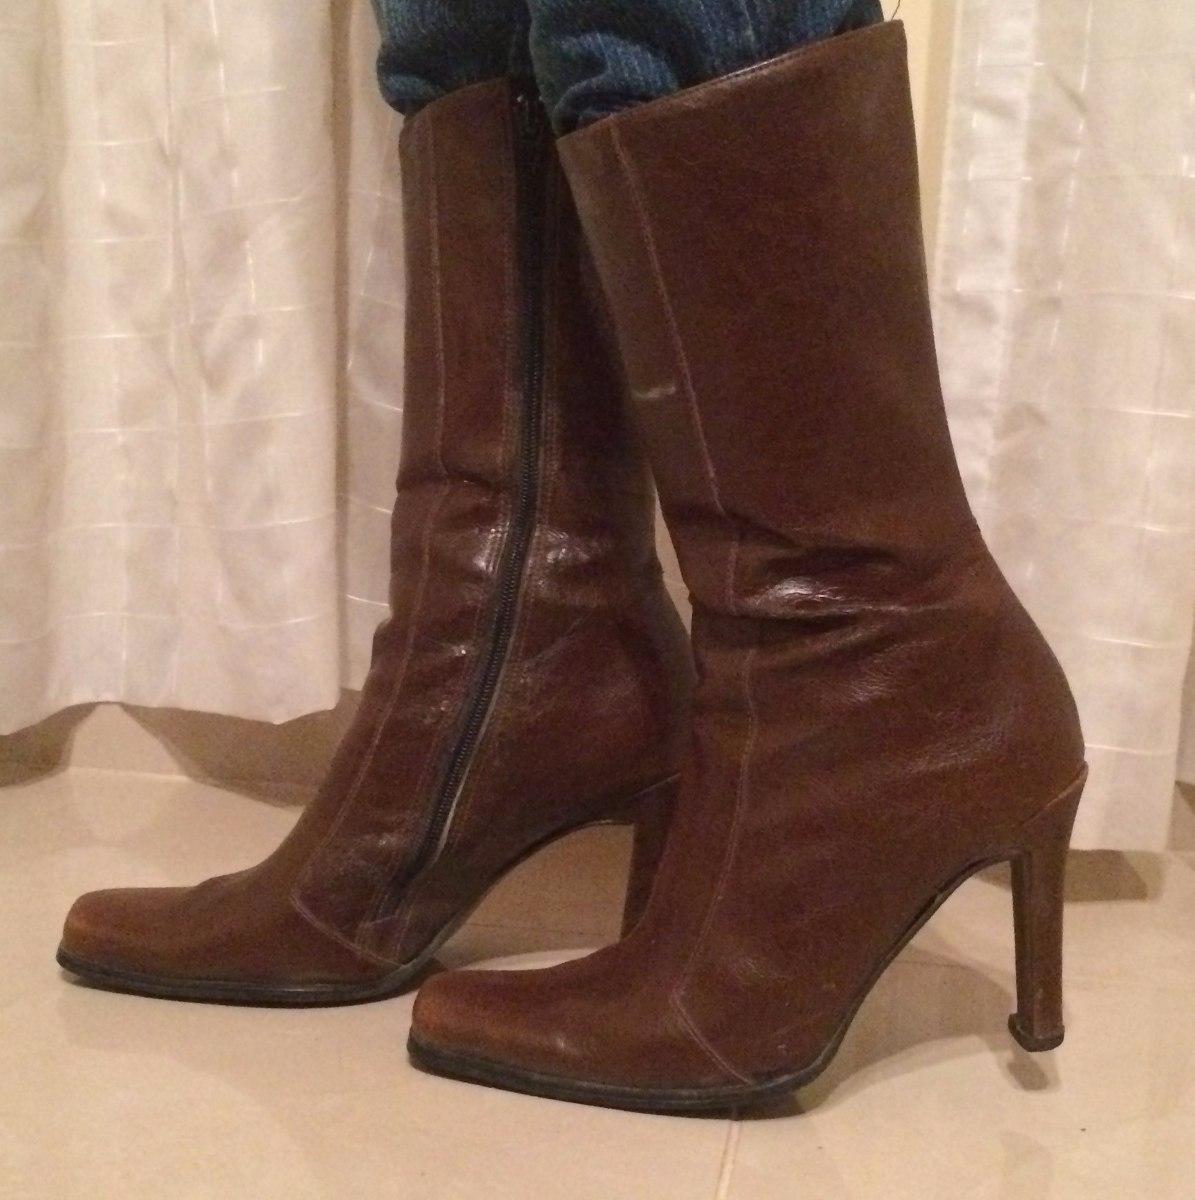 Dec 17, · Mujer sexy con un pantalon de latex y botas altas con tacón de aguja metalico. Mujeres con botas. Mujeres calzando todo tipo de botas: altas, bajas, tacón de aguja, tacón plano, de plataformas, etc. Women with boots.